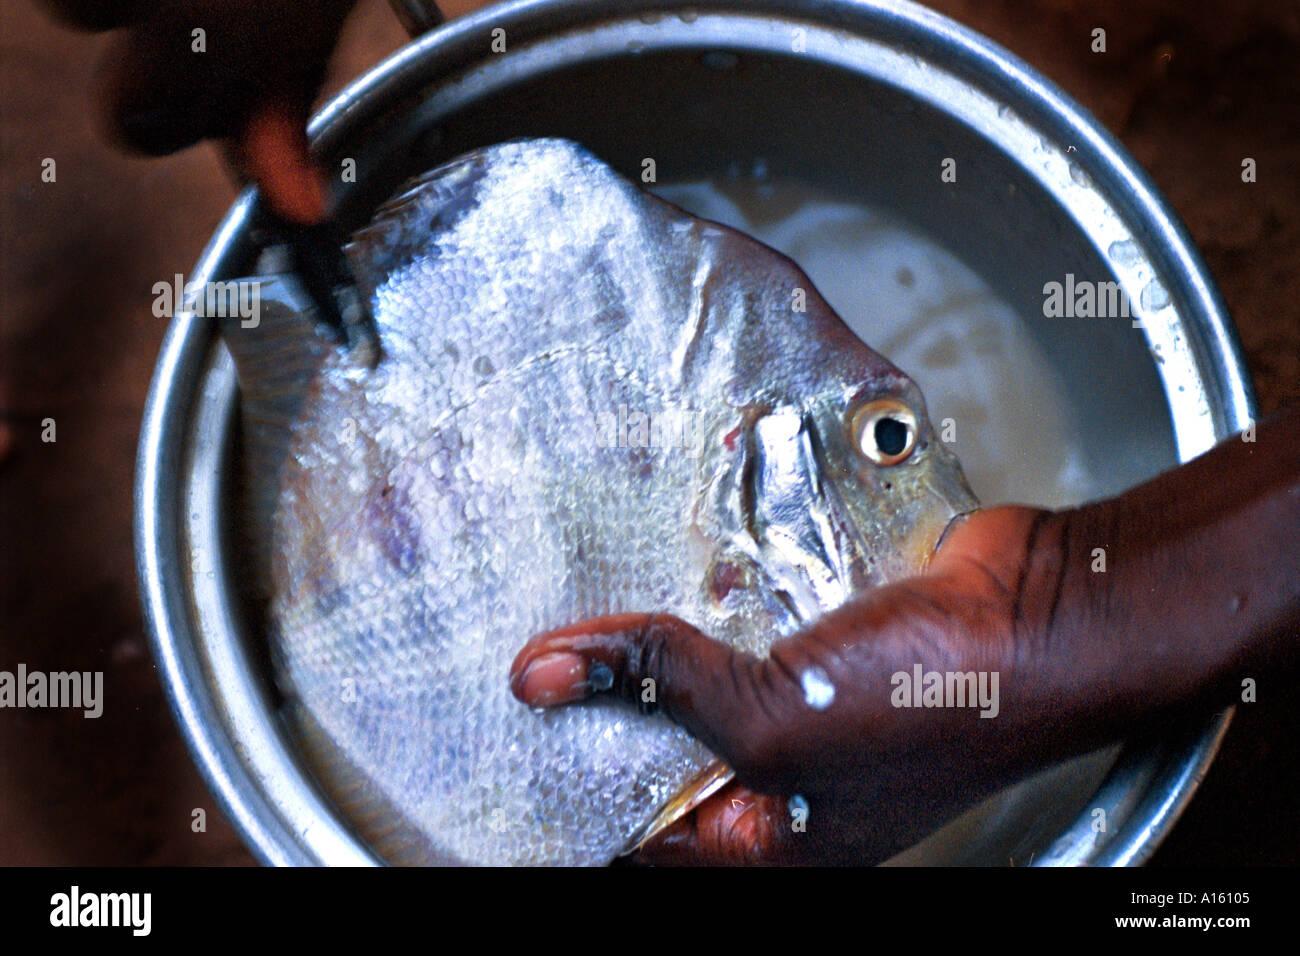 I pesci provenienti dalla costa atlantica off West Africa è preparato da un mauritano vicino alla regione della Valle che confina con il Senegal. Immagini Stock